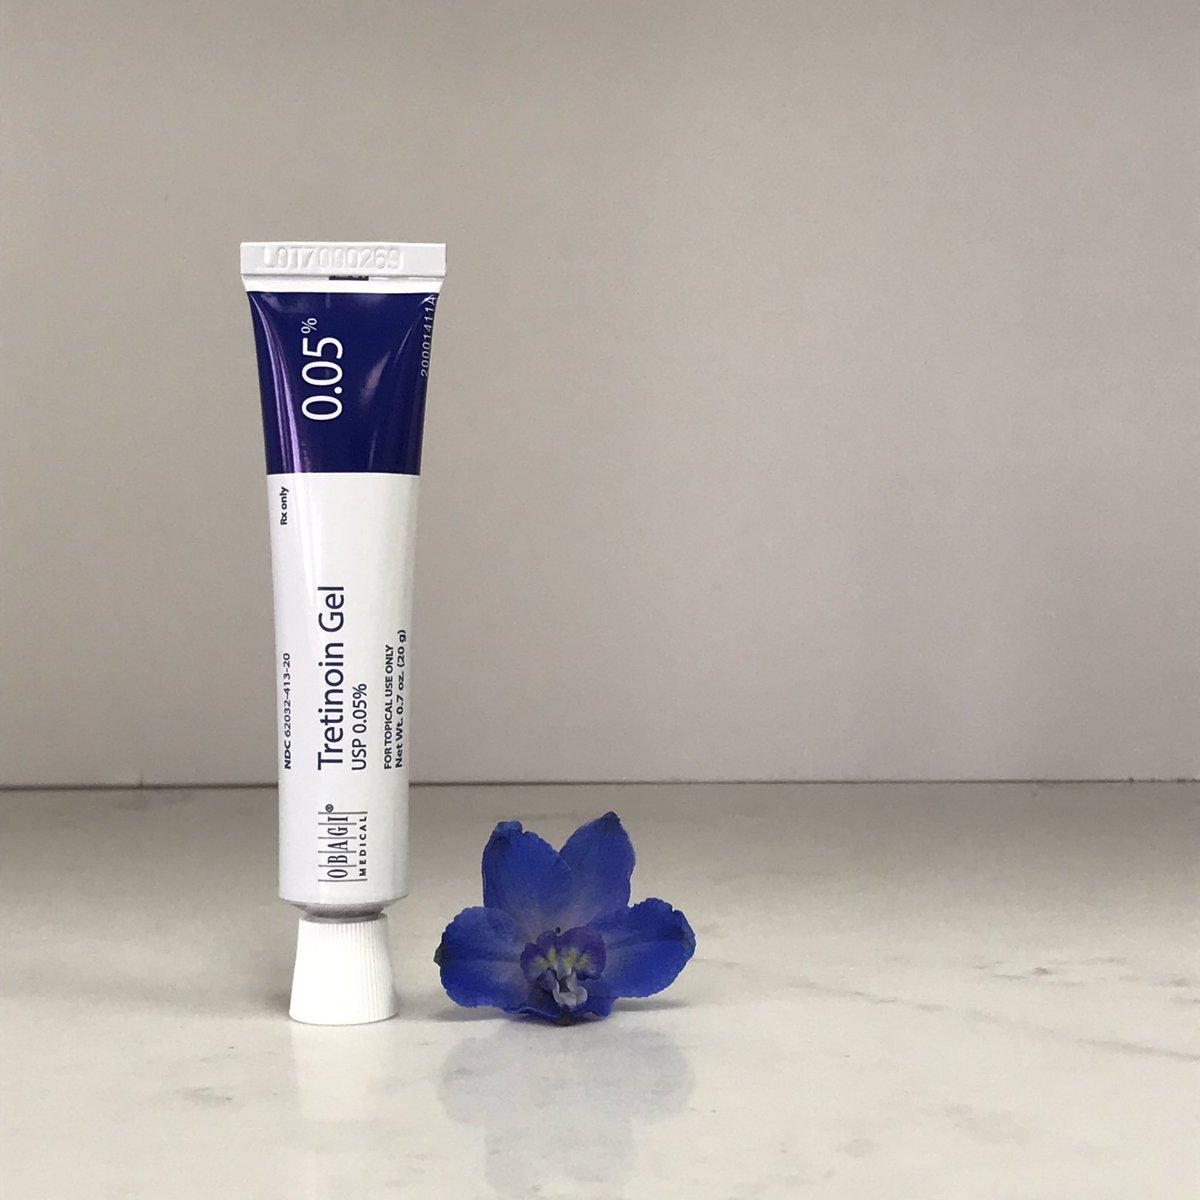 Công dụng Kem hỗ trợ trị mụn làm đều màu sắc da Obagi Tretinoin 0.05%